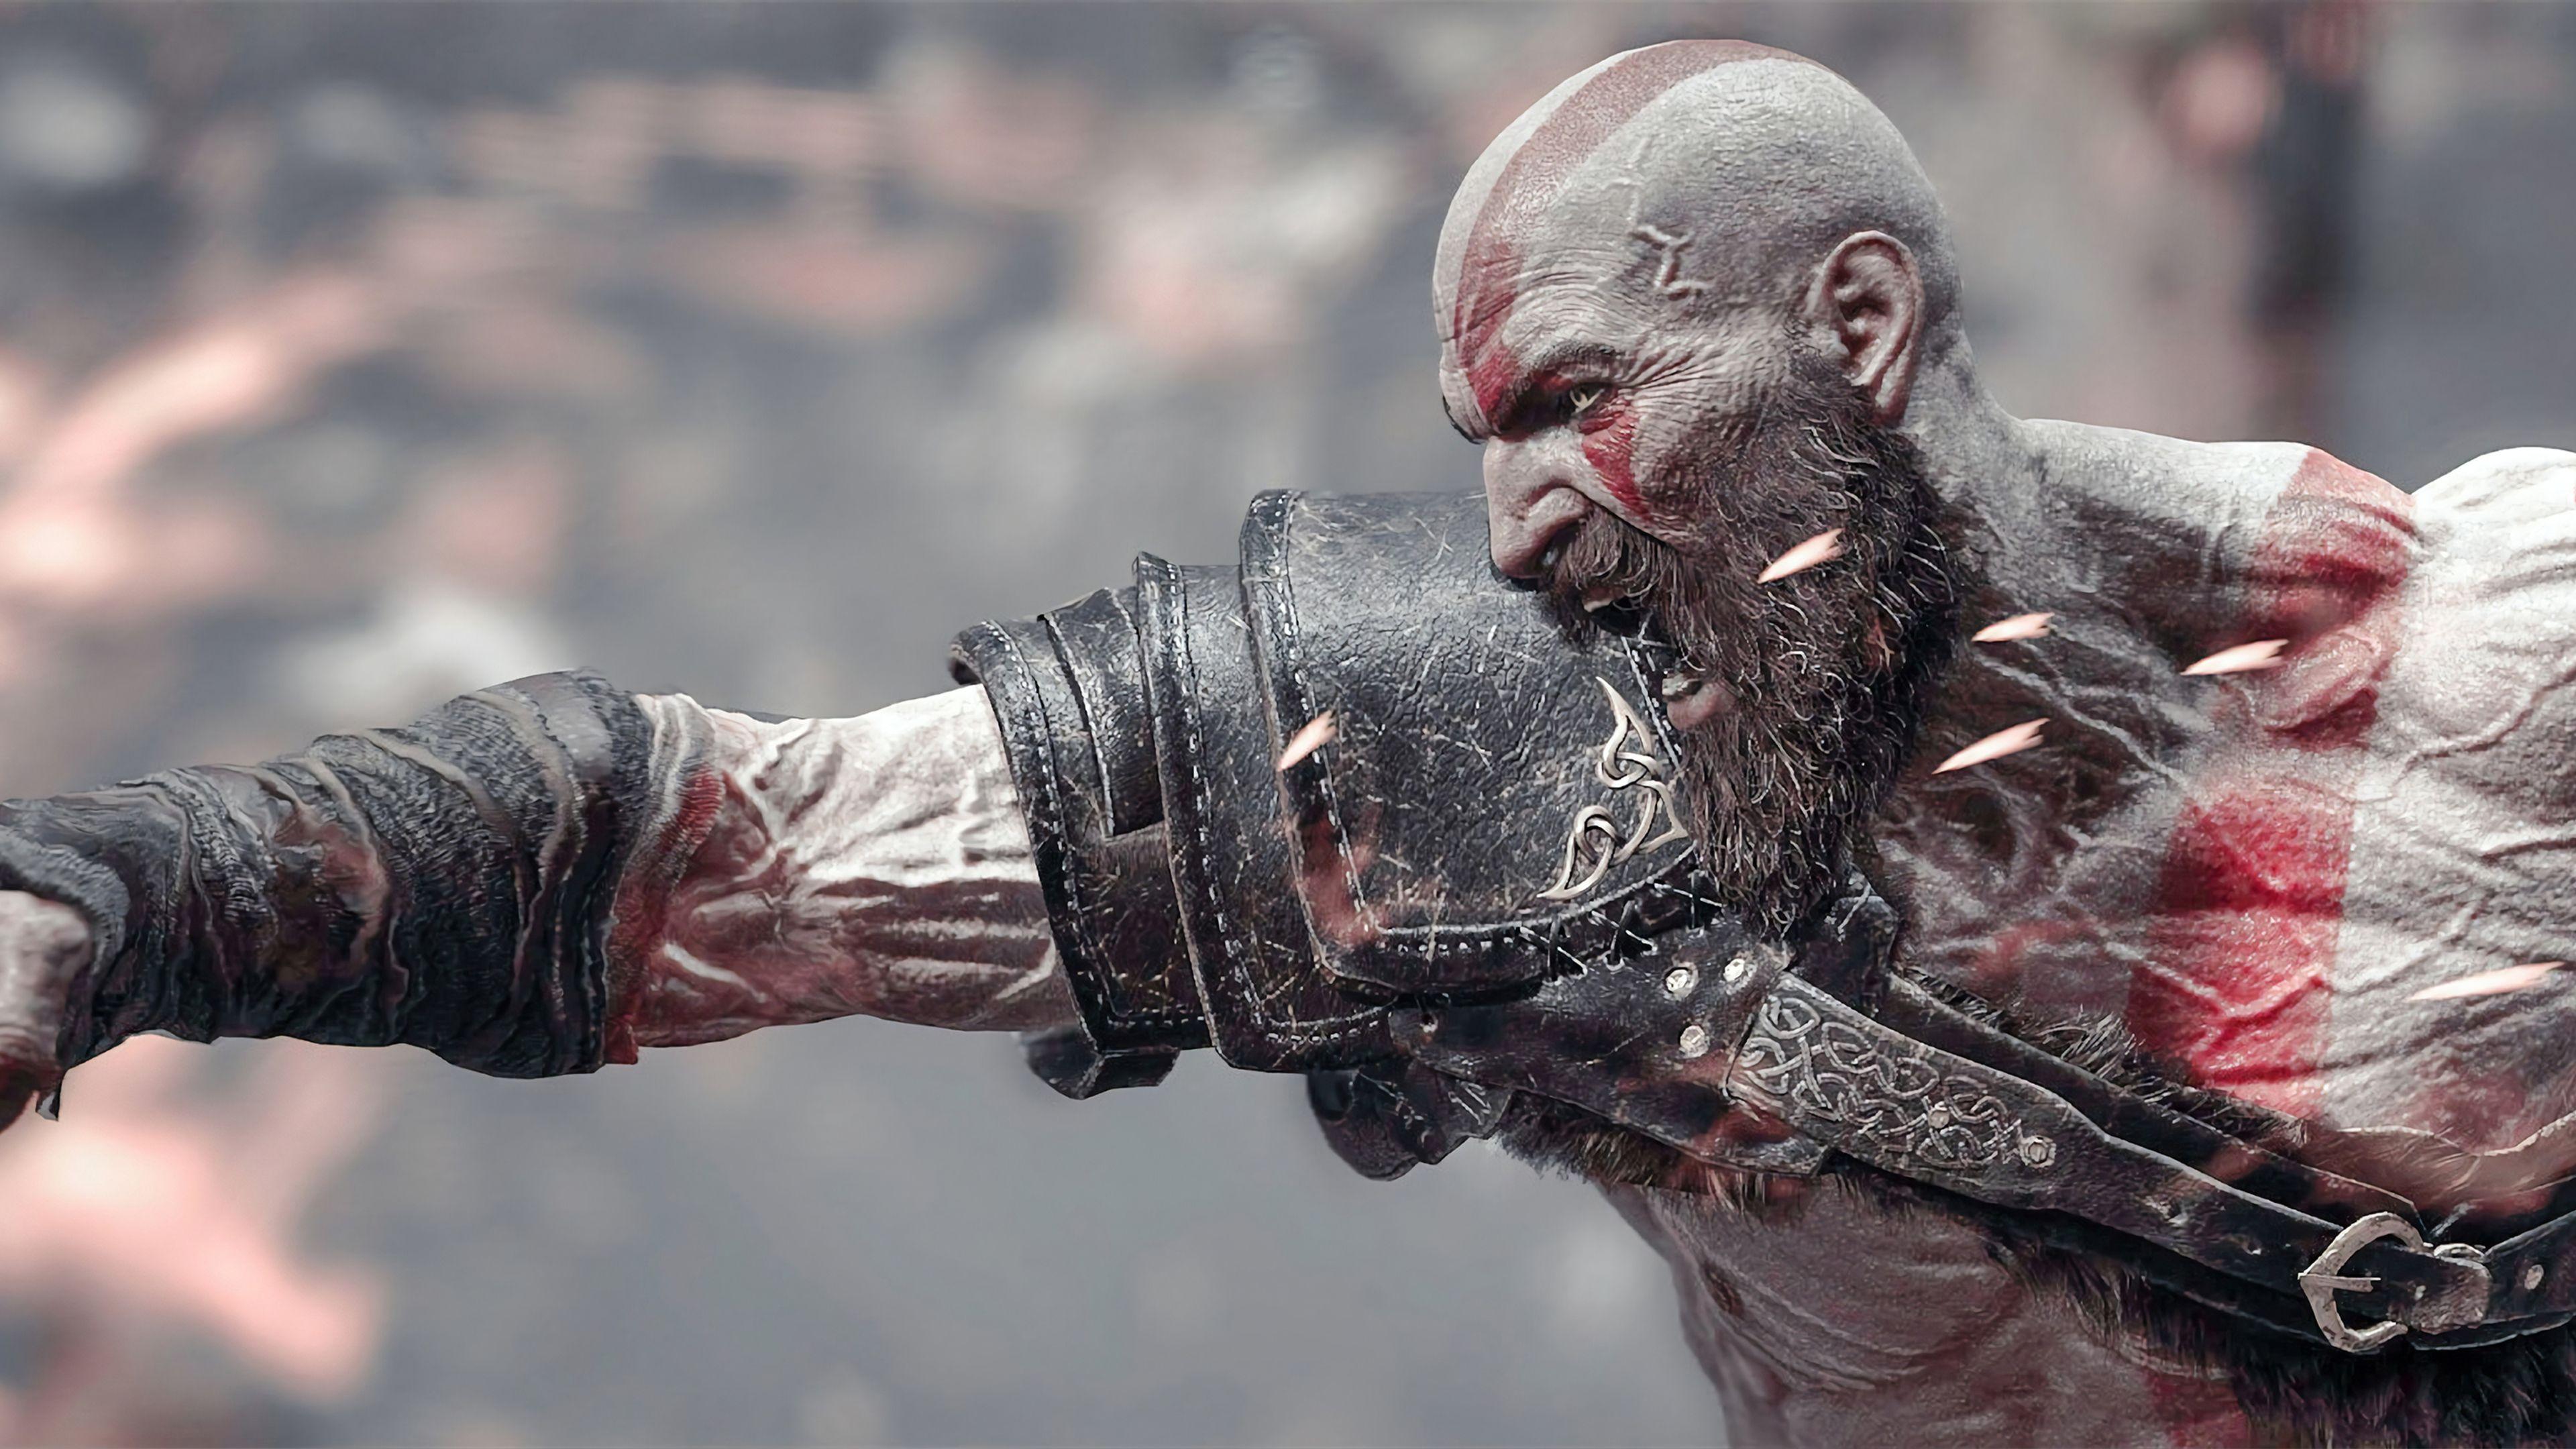 Kratos Digital Art Ps Games Wallpapers Kratos Wallpapers Hd Wallpapers God Of War Wallpapers God Of Wa God Of War Kratos Wallpapers God Of War 4 Wallpapers